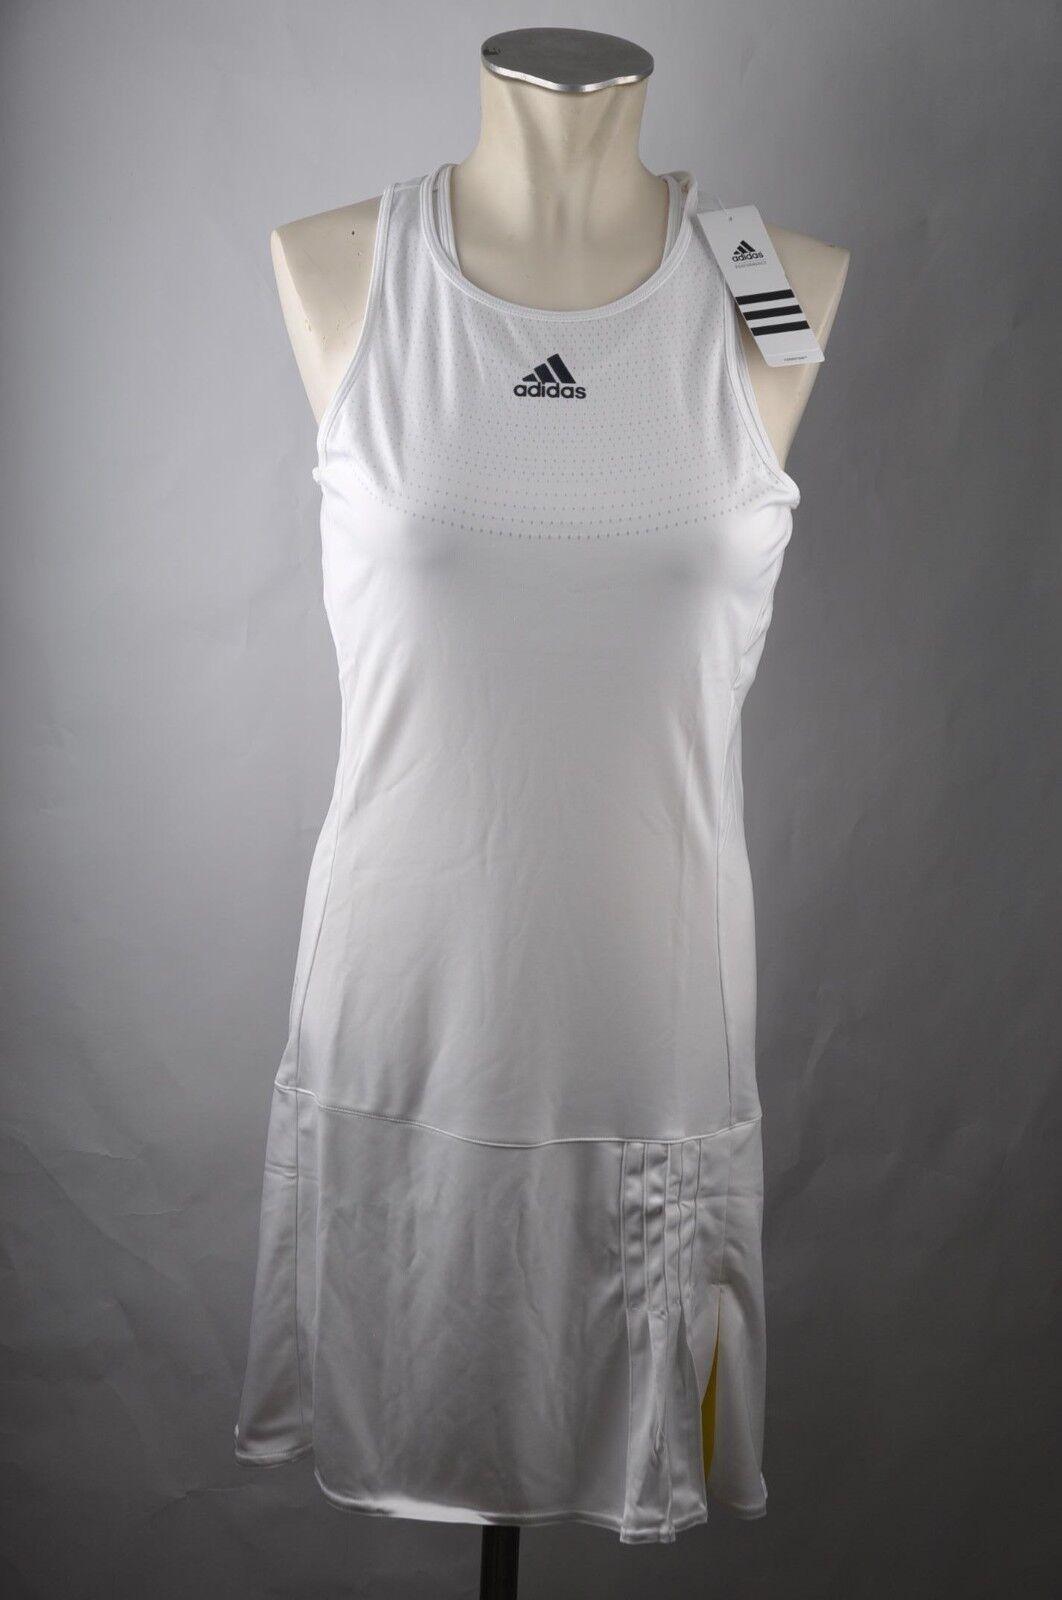 Adidas Tenniskleid Tennis Dress Damen Gr. 34 36 38 38 38 40 W adipure 3 Teile Kleid    | Kostengünstig  | Exzellente Verarbeitung  | Hohe Sicherheit  880c64